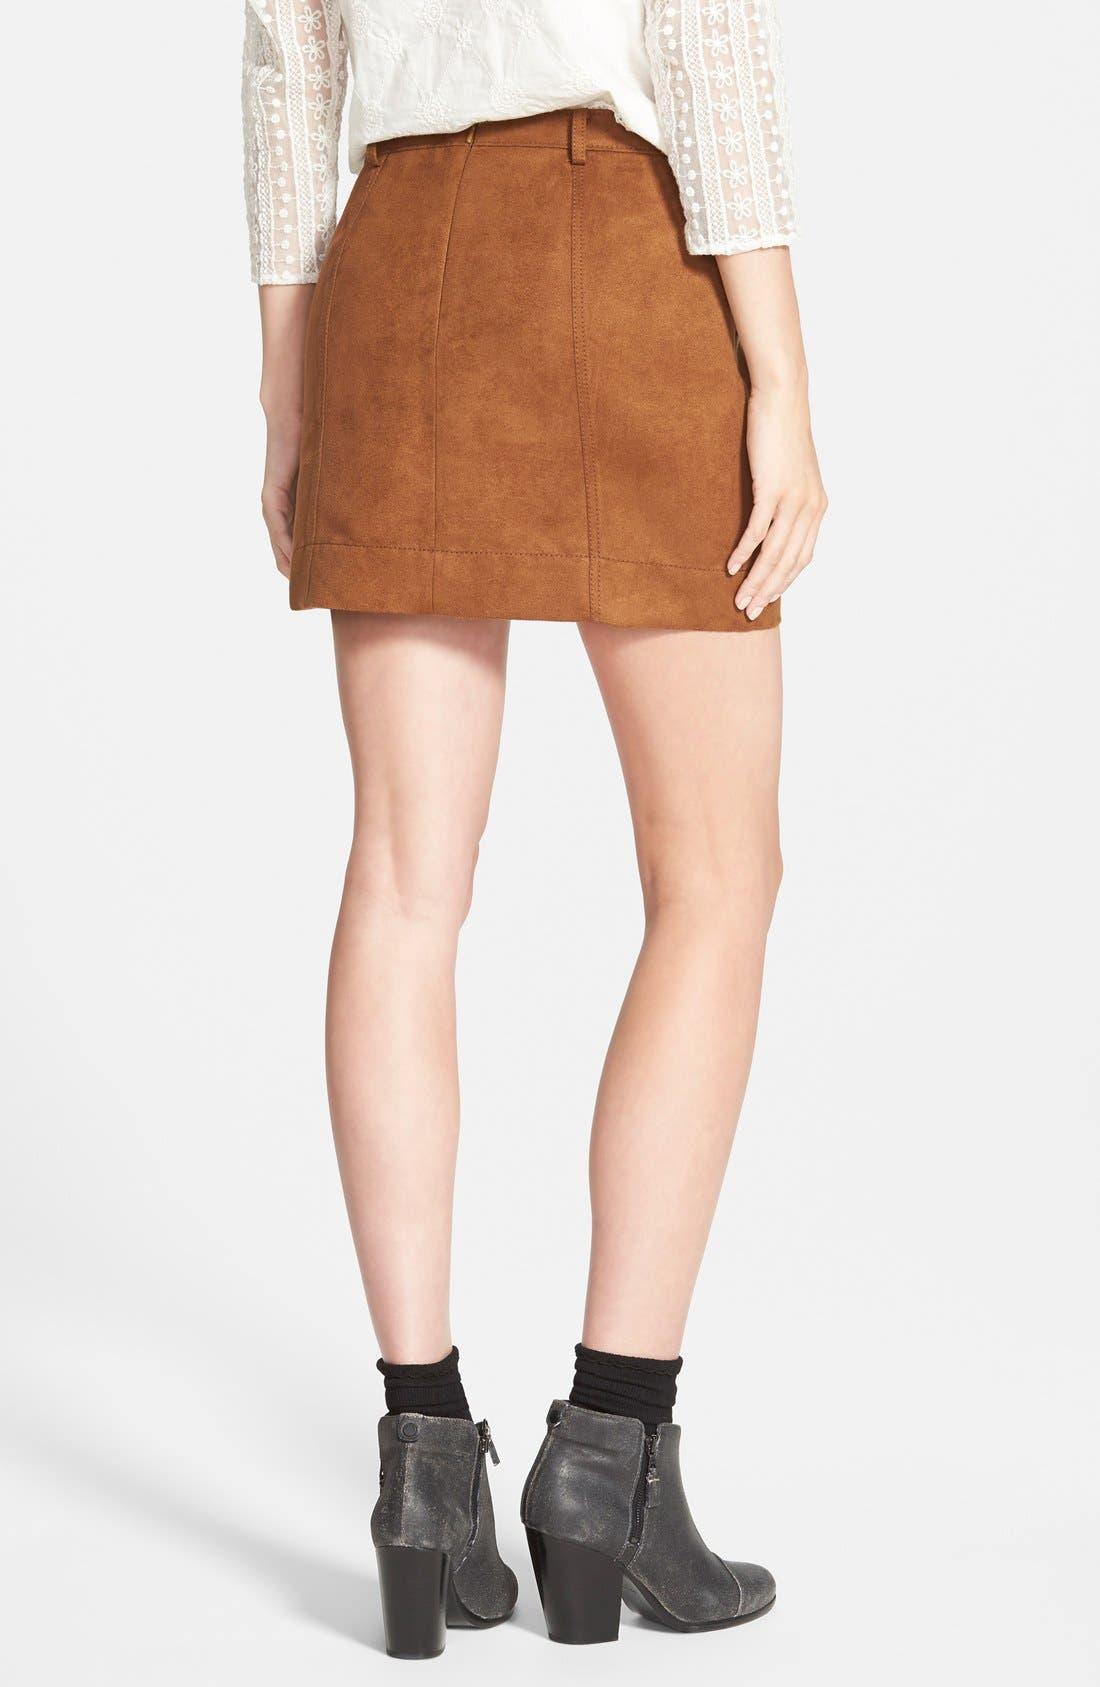 HINGE, Faux Suede A-Line Miniskirt, Alternate thumbnail 5, color, 200